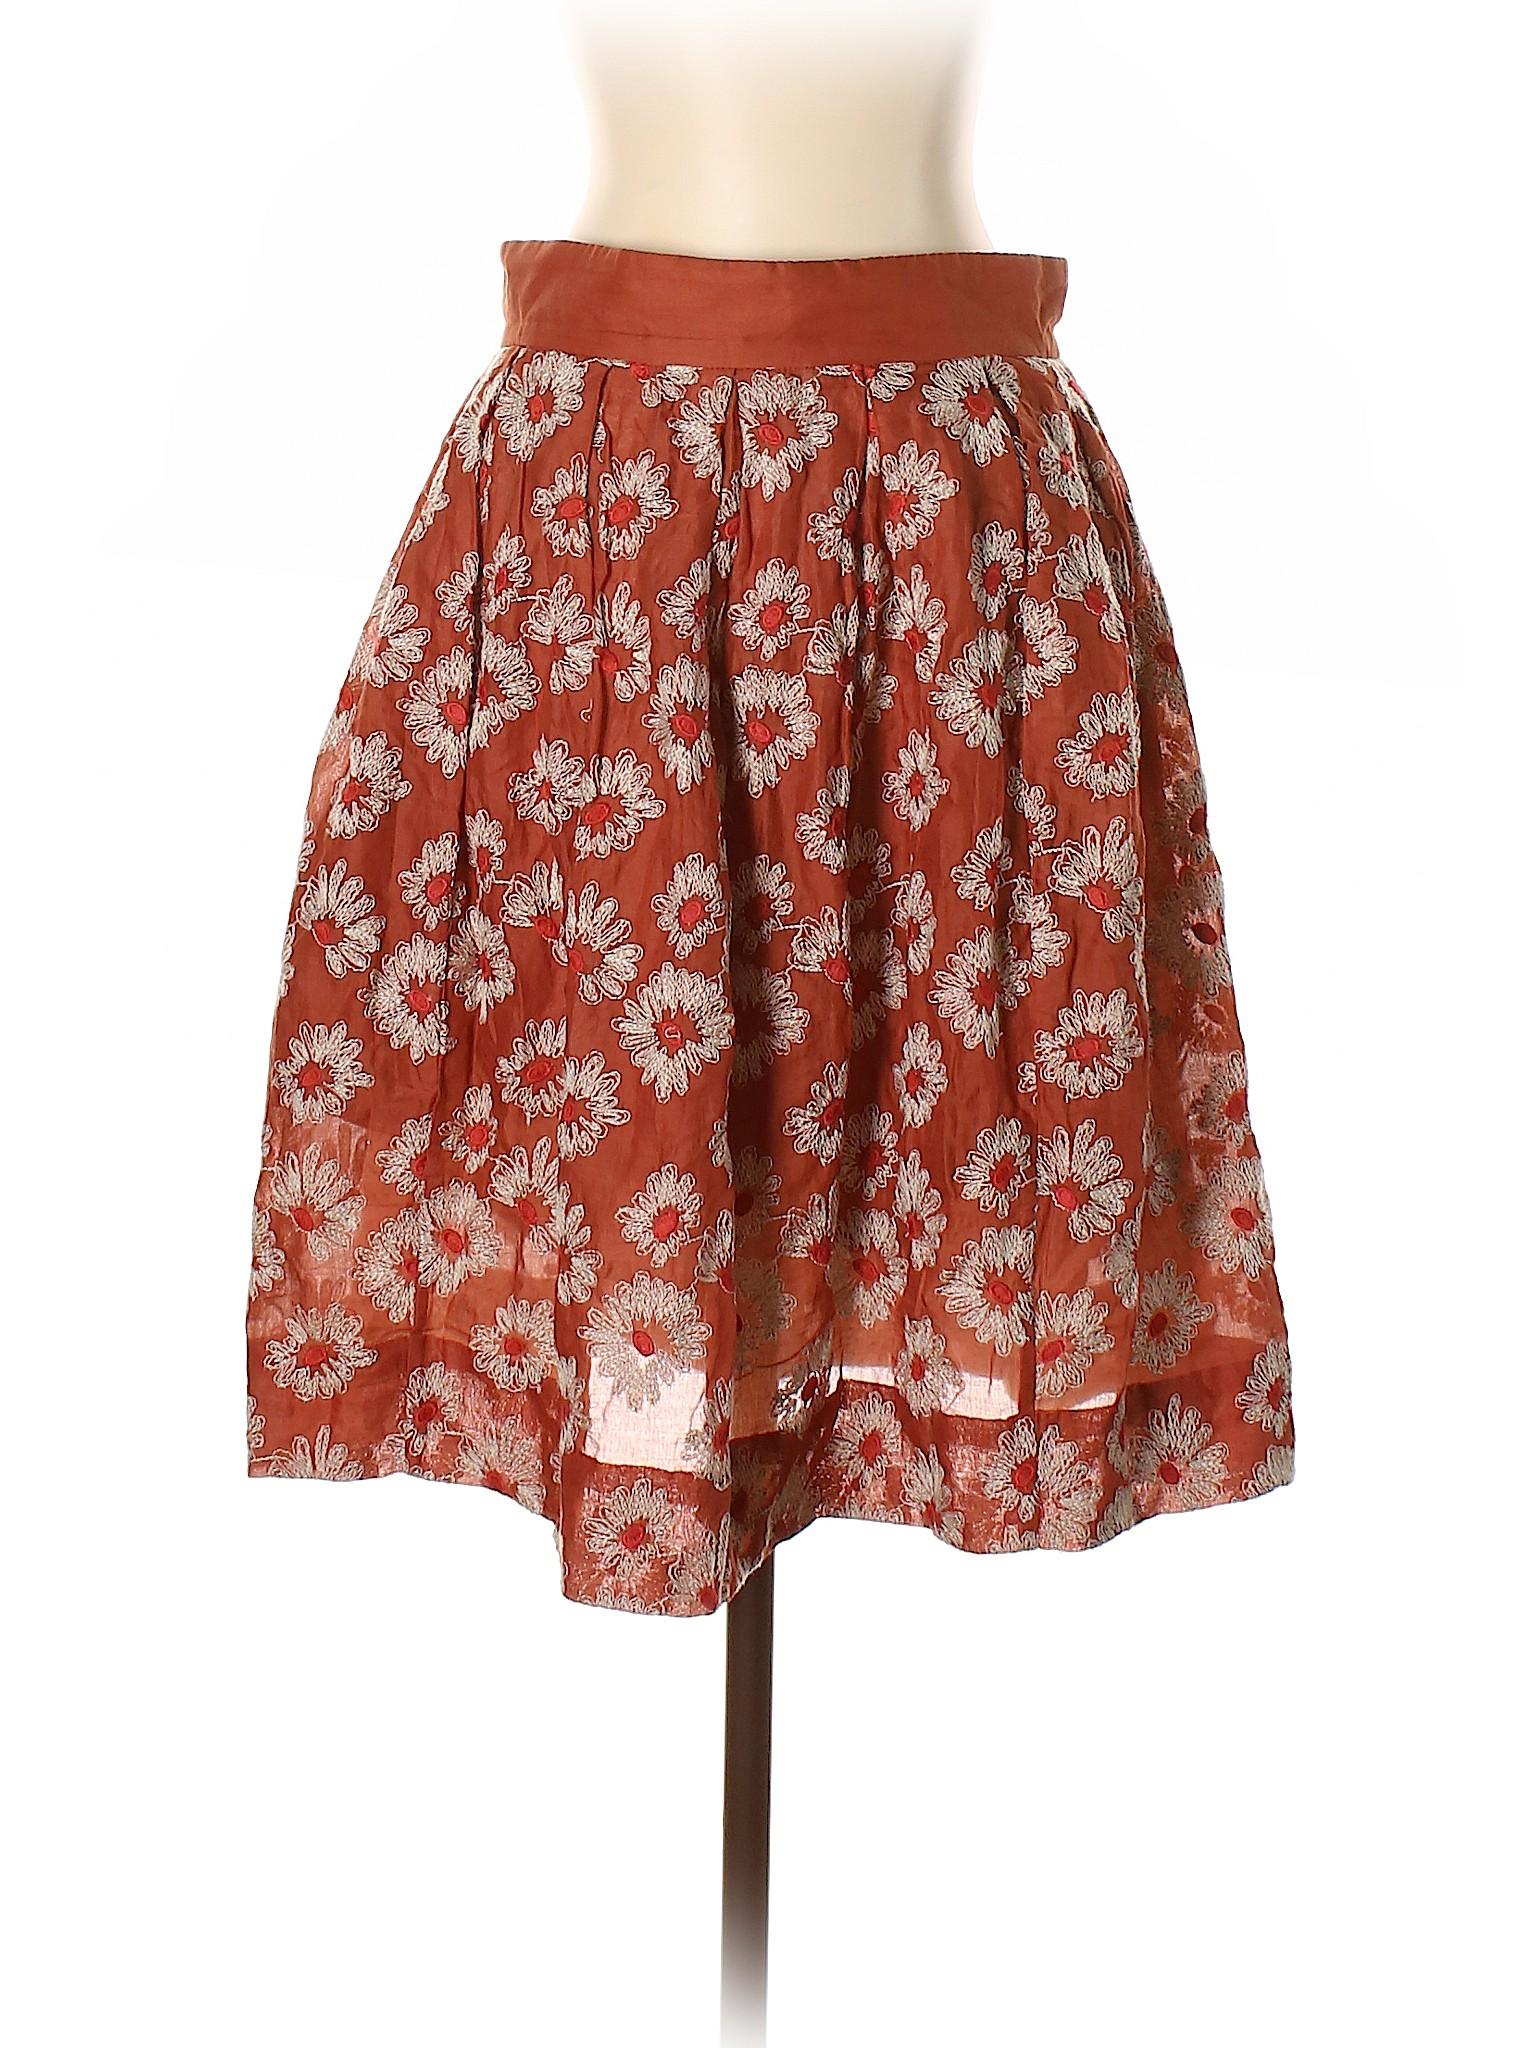 Casual Skirt Casual Boutique Boutique Boutique Skirt R1BCYq